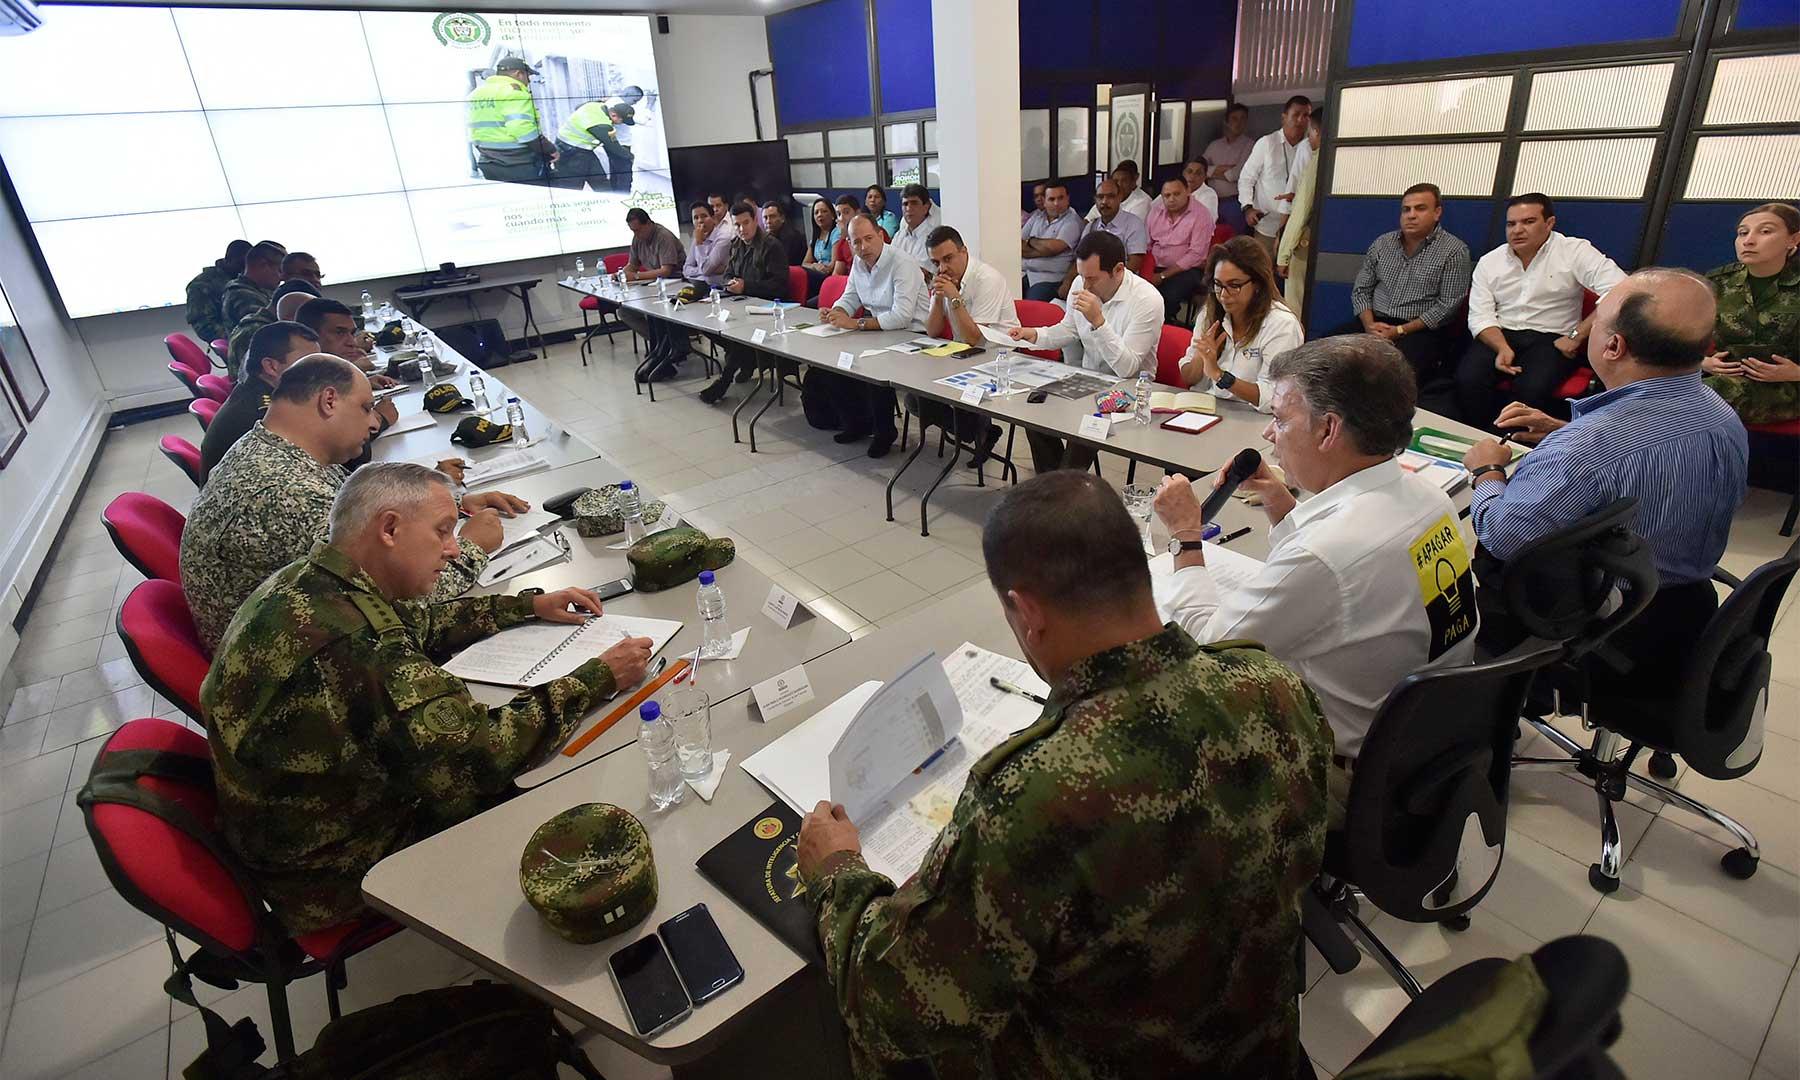 El Presidente Juan Manuel Santos lidera un Consejo de Seguridad en Montería con participación del Ministro de Defensa, altos mandos militares y policiales, alcaldes y gobernador del departamento y el Fiscal General encargado, Jorge Perdomo, entre otros.